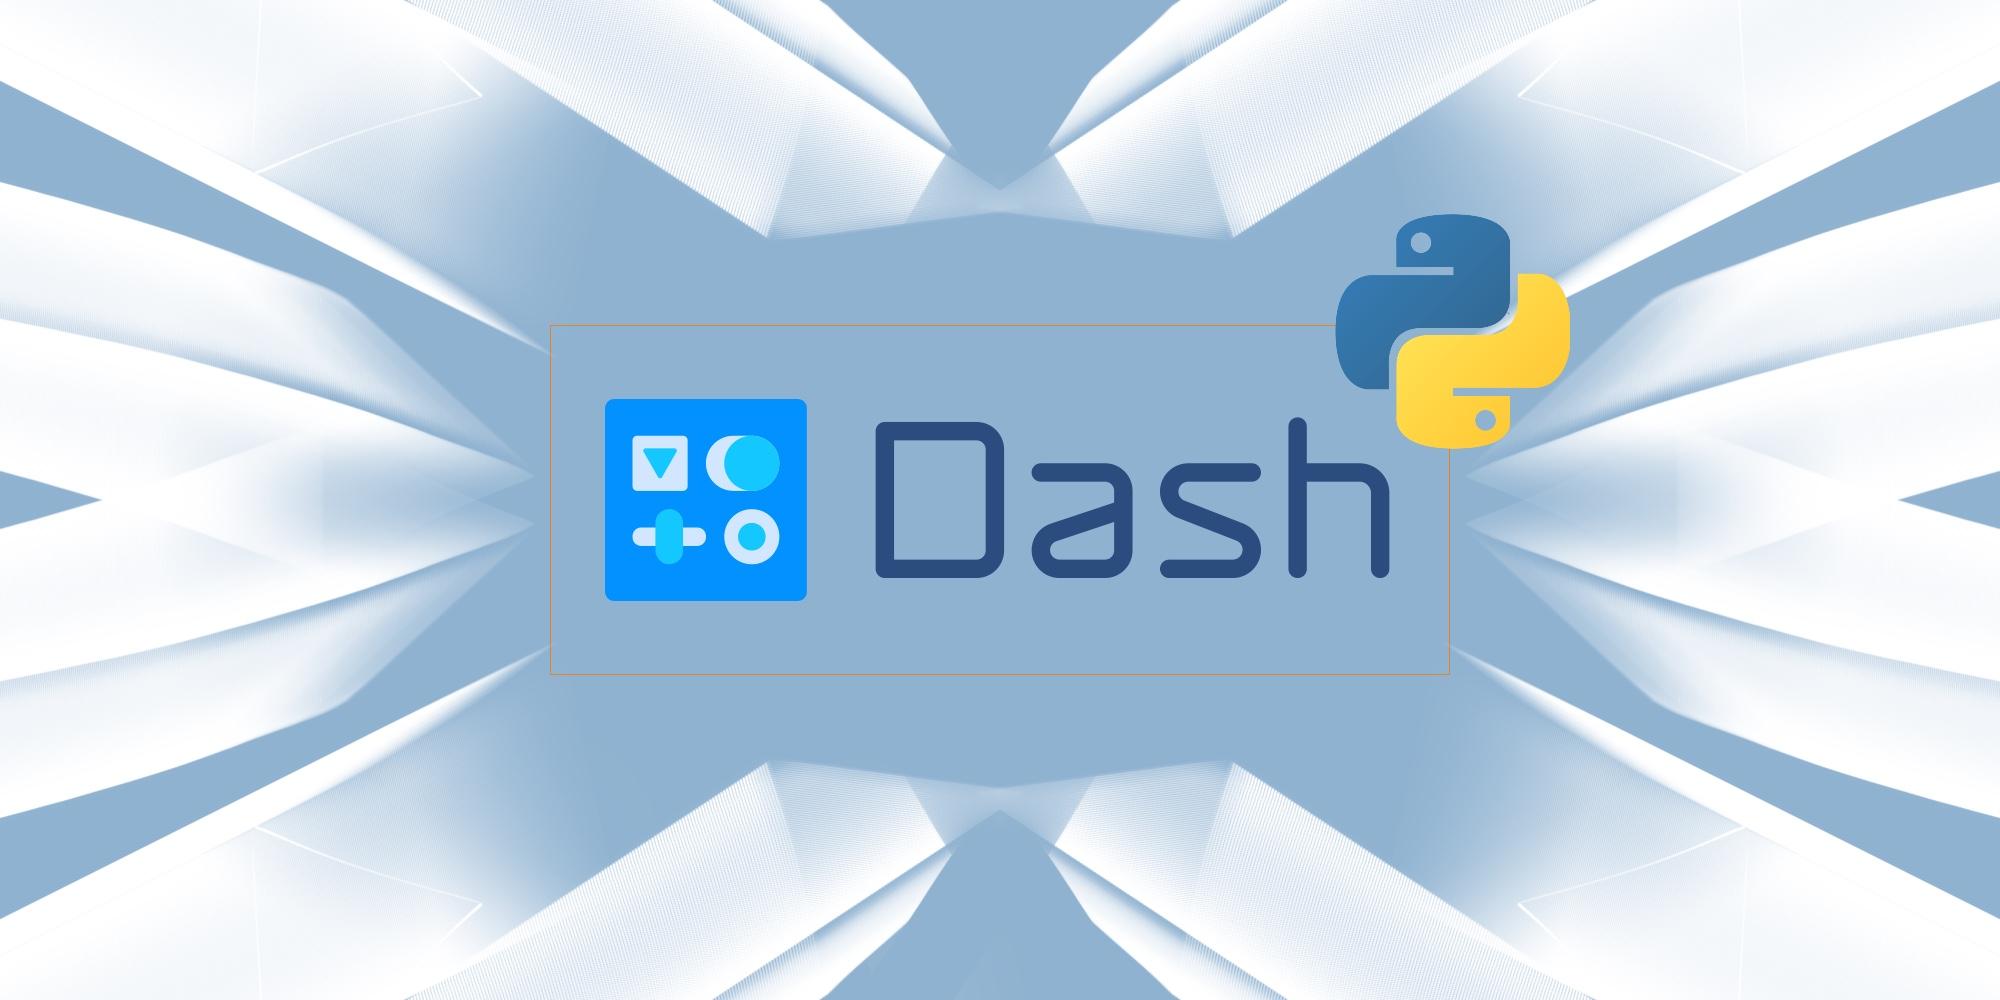 📊 Туториал: визуализация данных в вебе с помощью Python и Dash